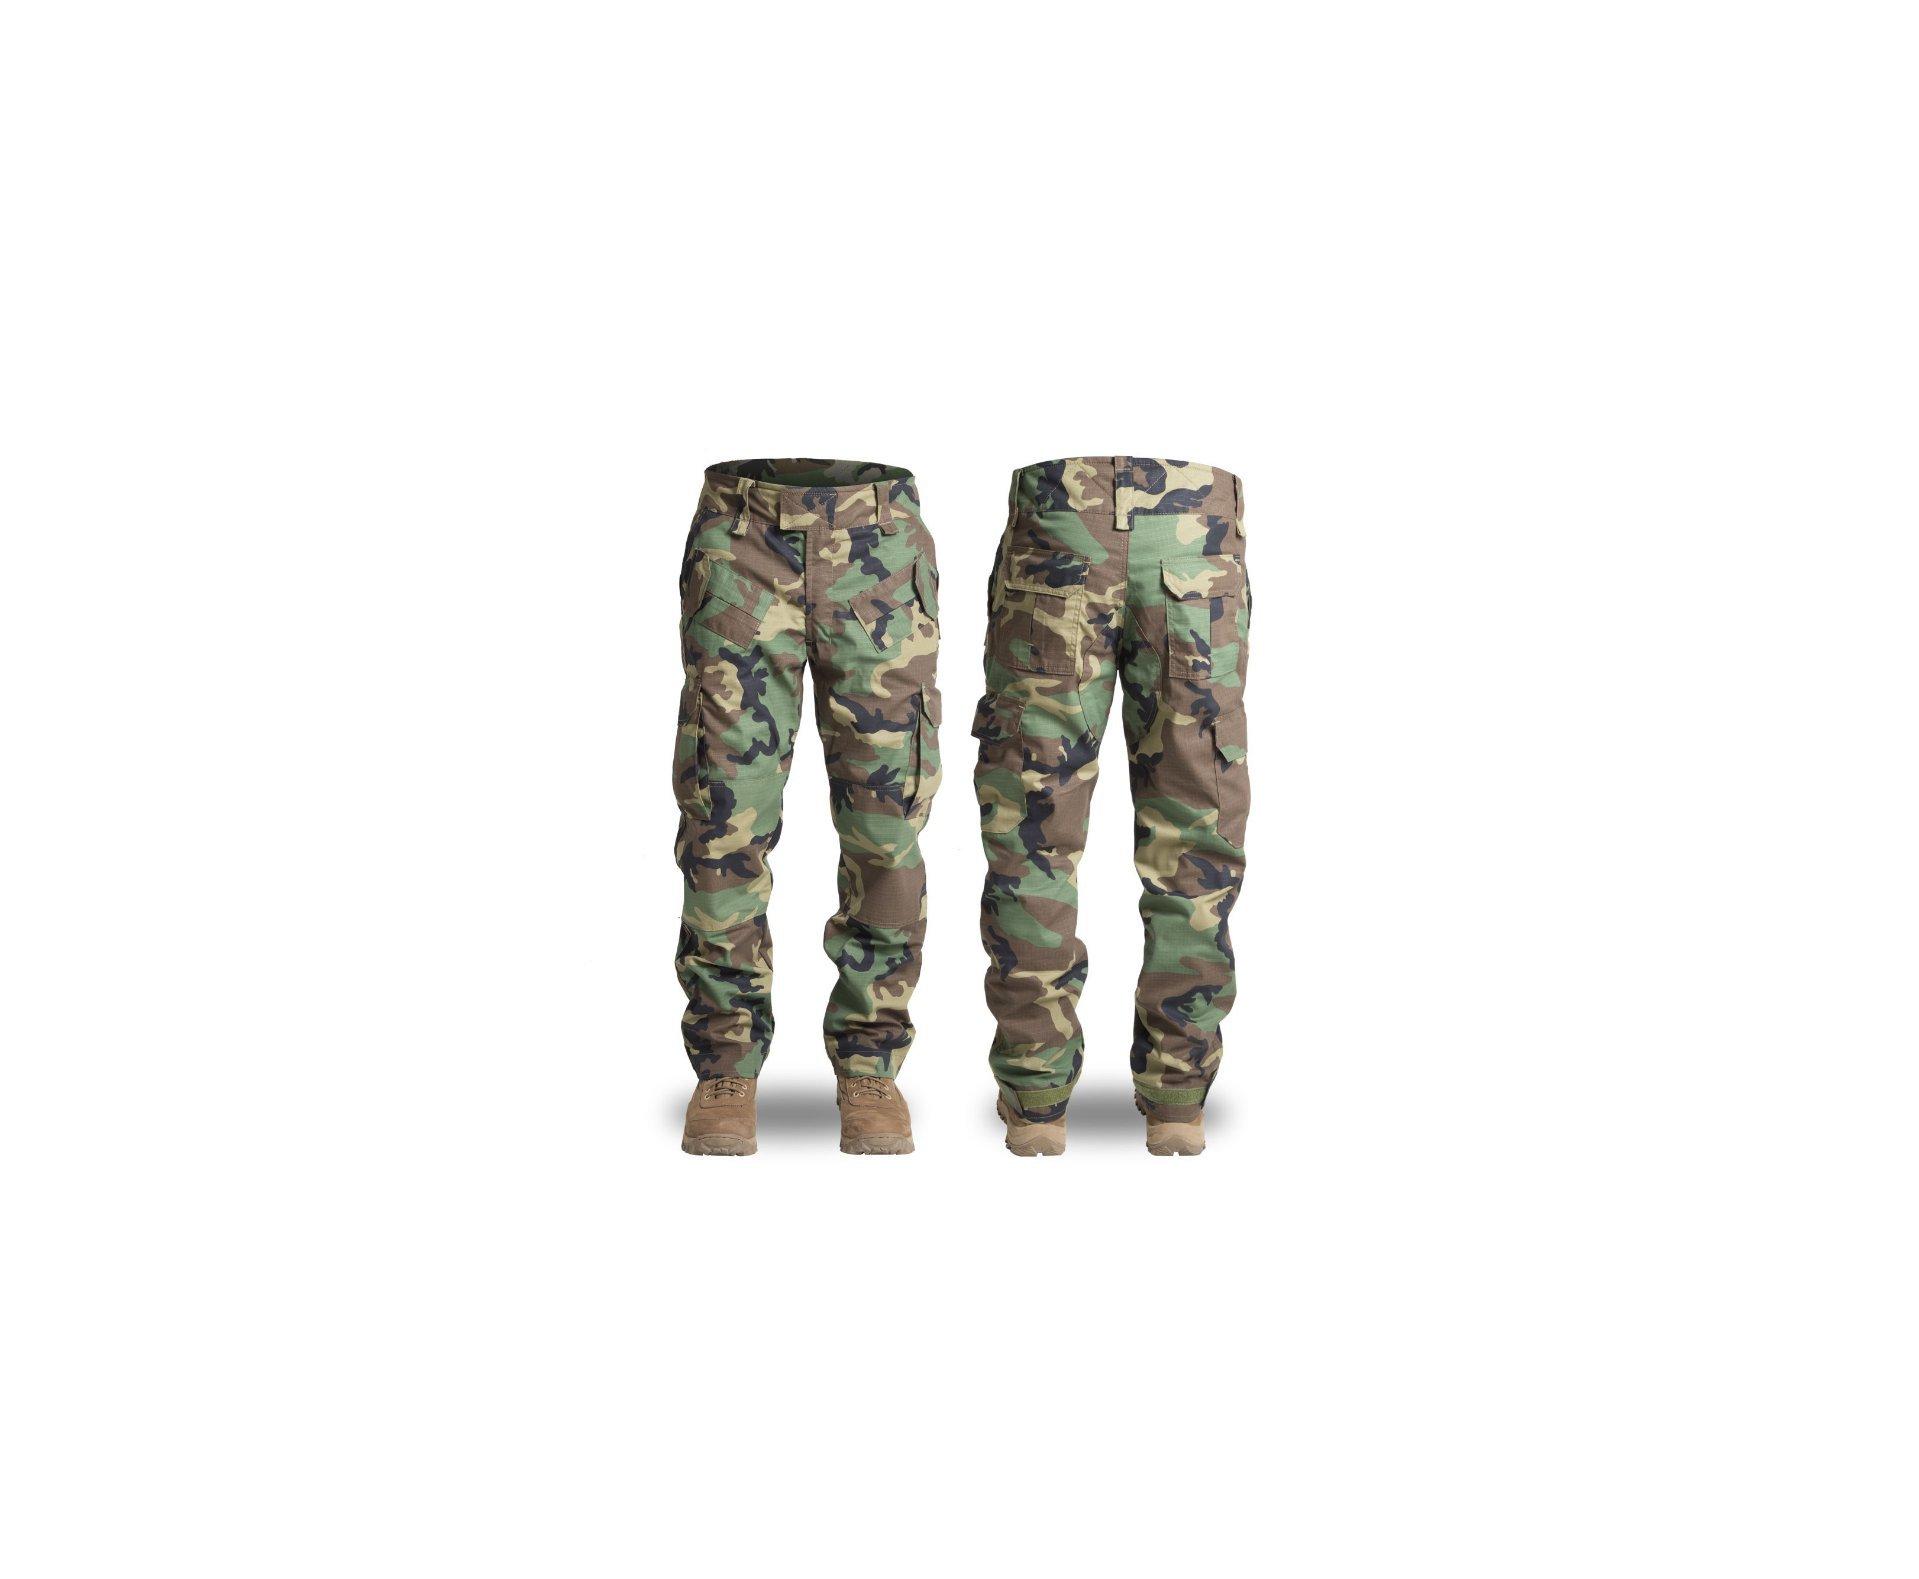 Calça Forhonor 911 Woodland - Tatica, Militar, Airsoft, Ripstop